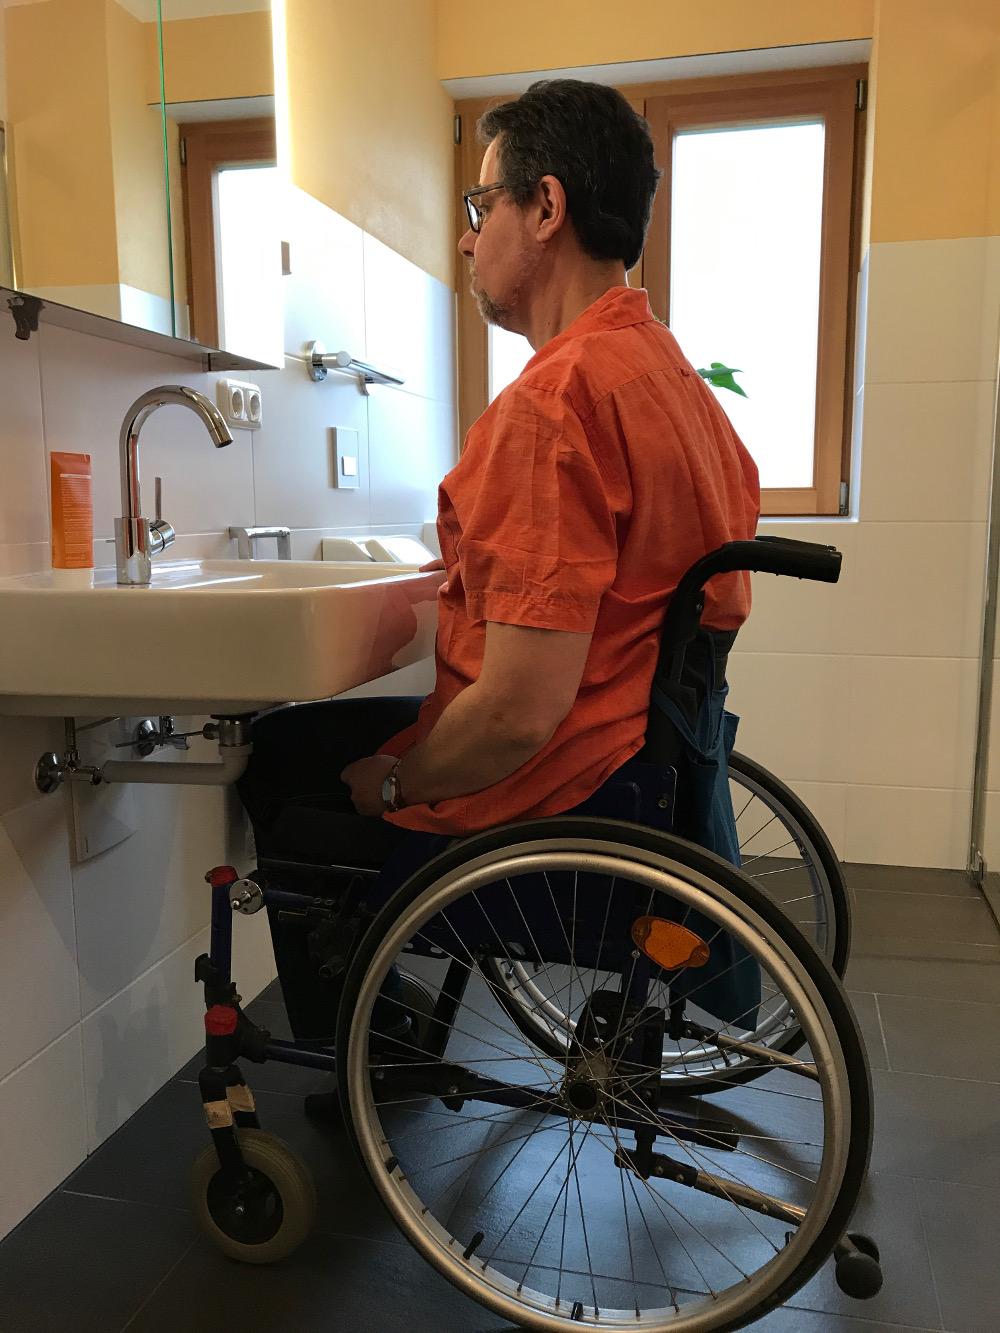 Das Waschbecken ist leicht mit dem Rollstuhl zu unterfahren.